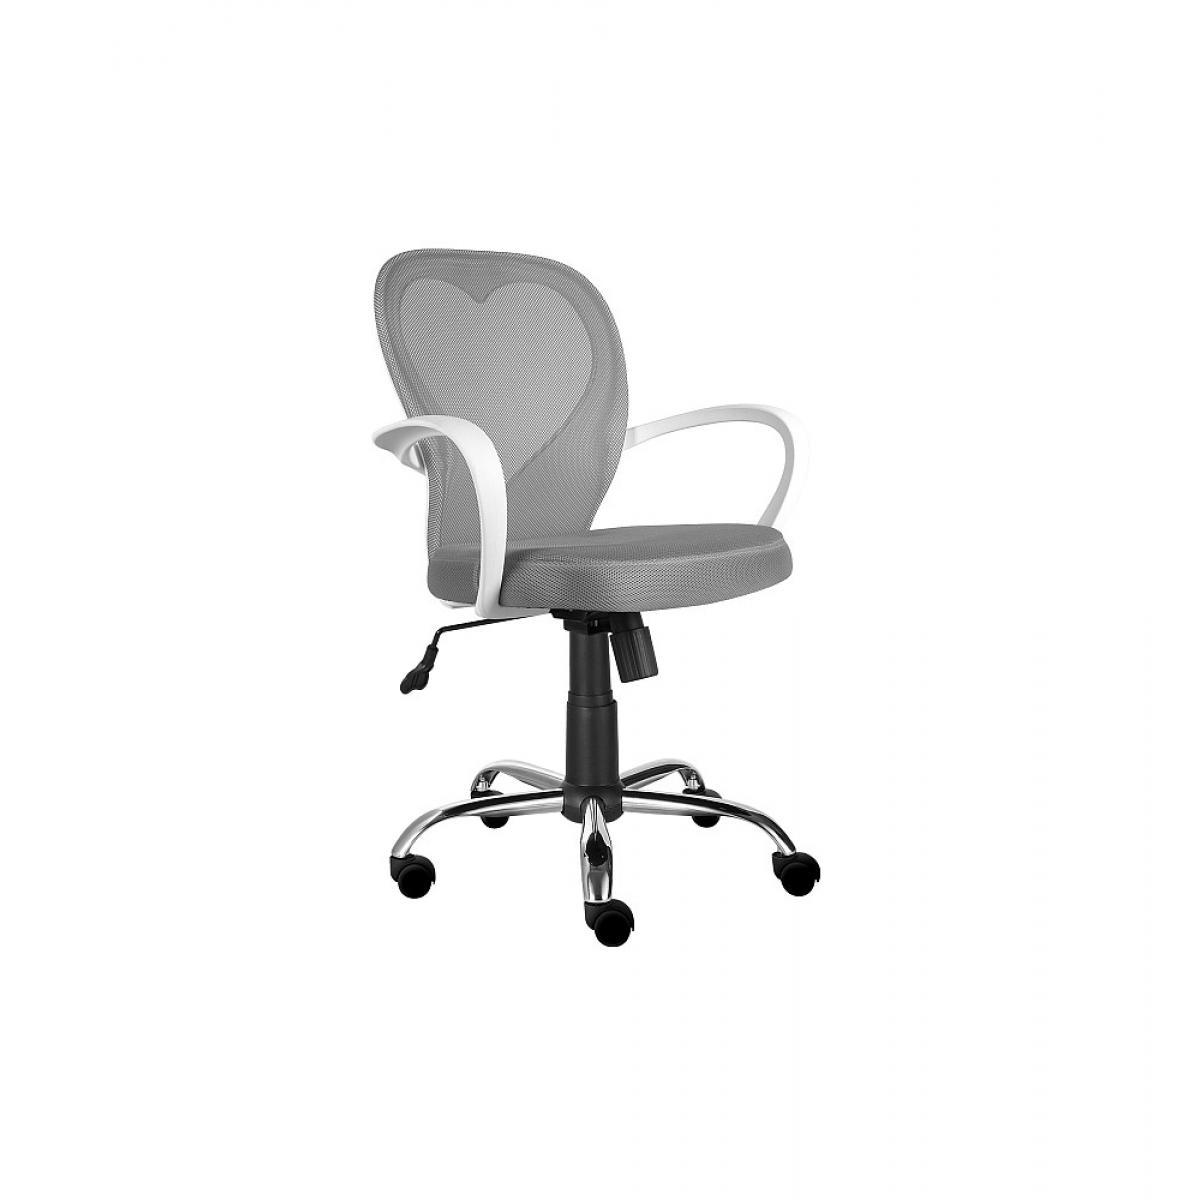 Ac-Deco Chaise de bureau à roulettes - Daisy - 60 x 47 x 98 cm - Gris